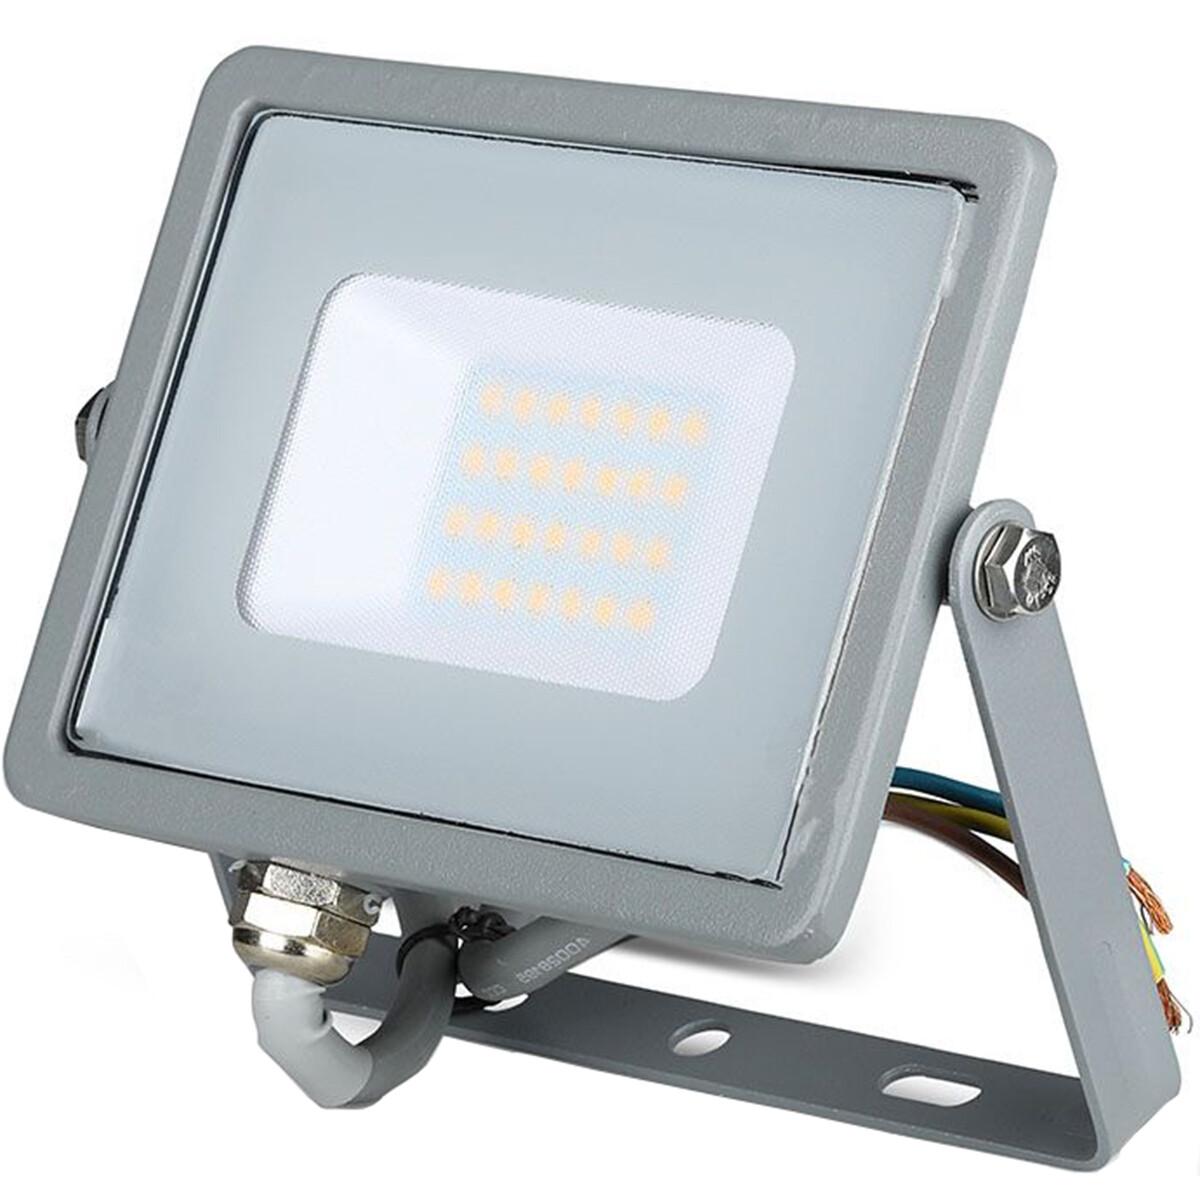 SAMSUNG - LED Bouwlamp 20 Watt - LED Schijnwerper - Viron Dana - Helder/Koud Wit 6400K - Mat Grijs - Aluminium